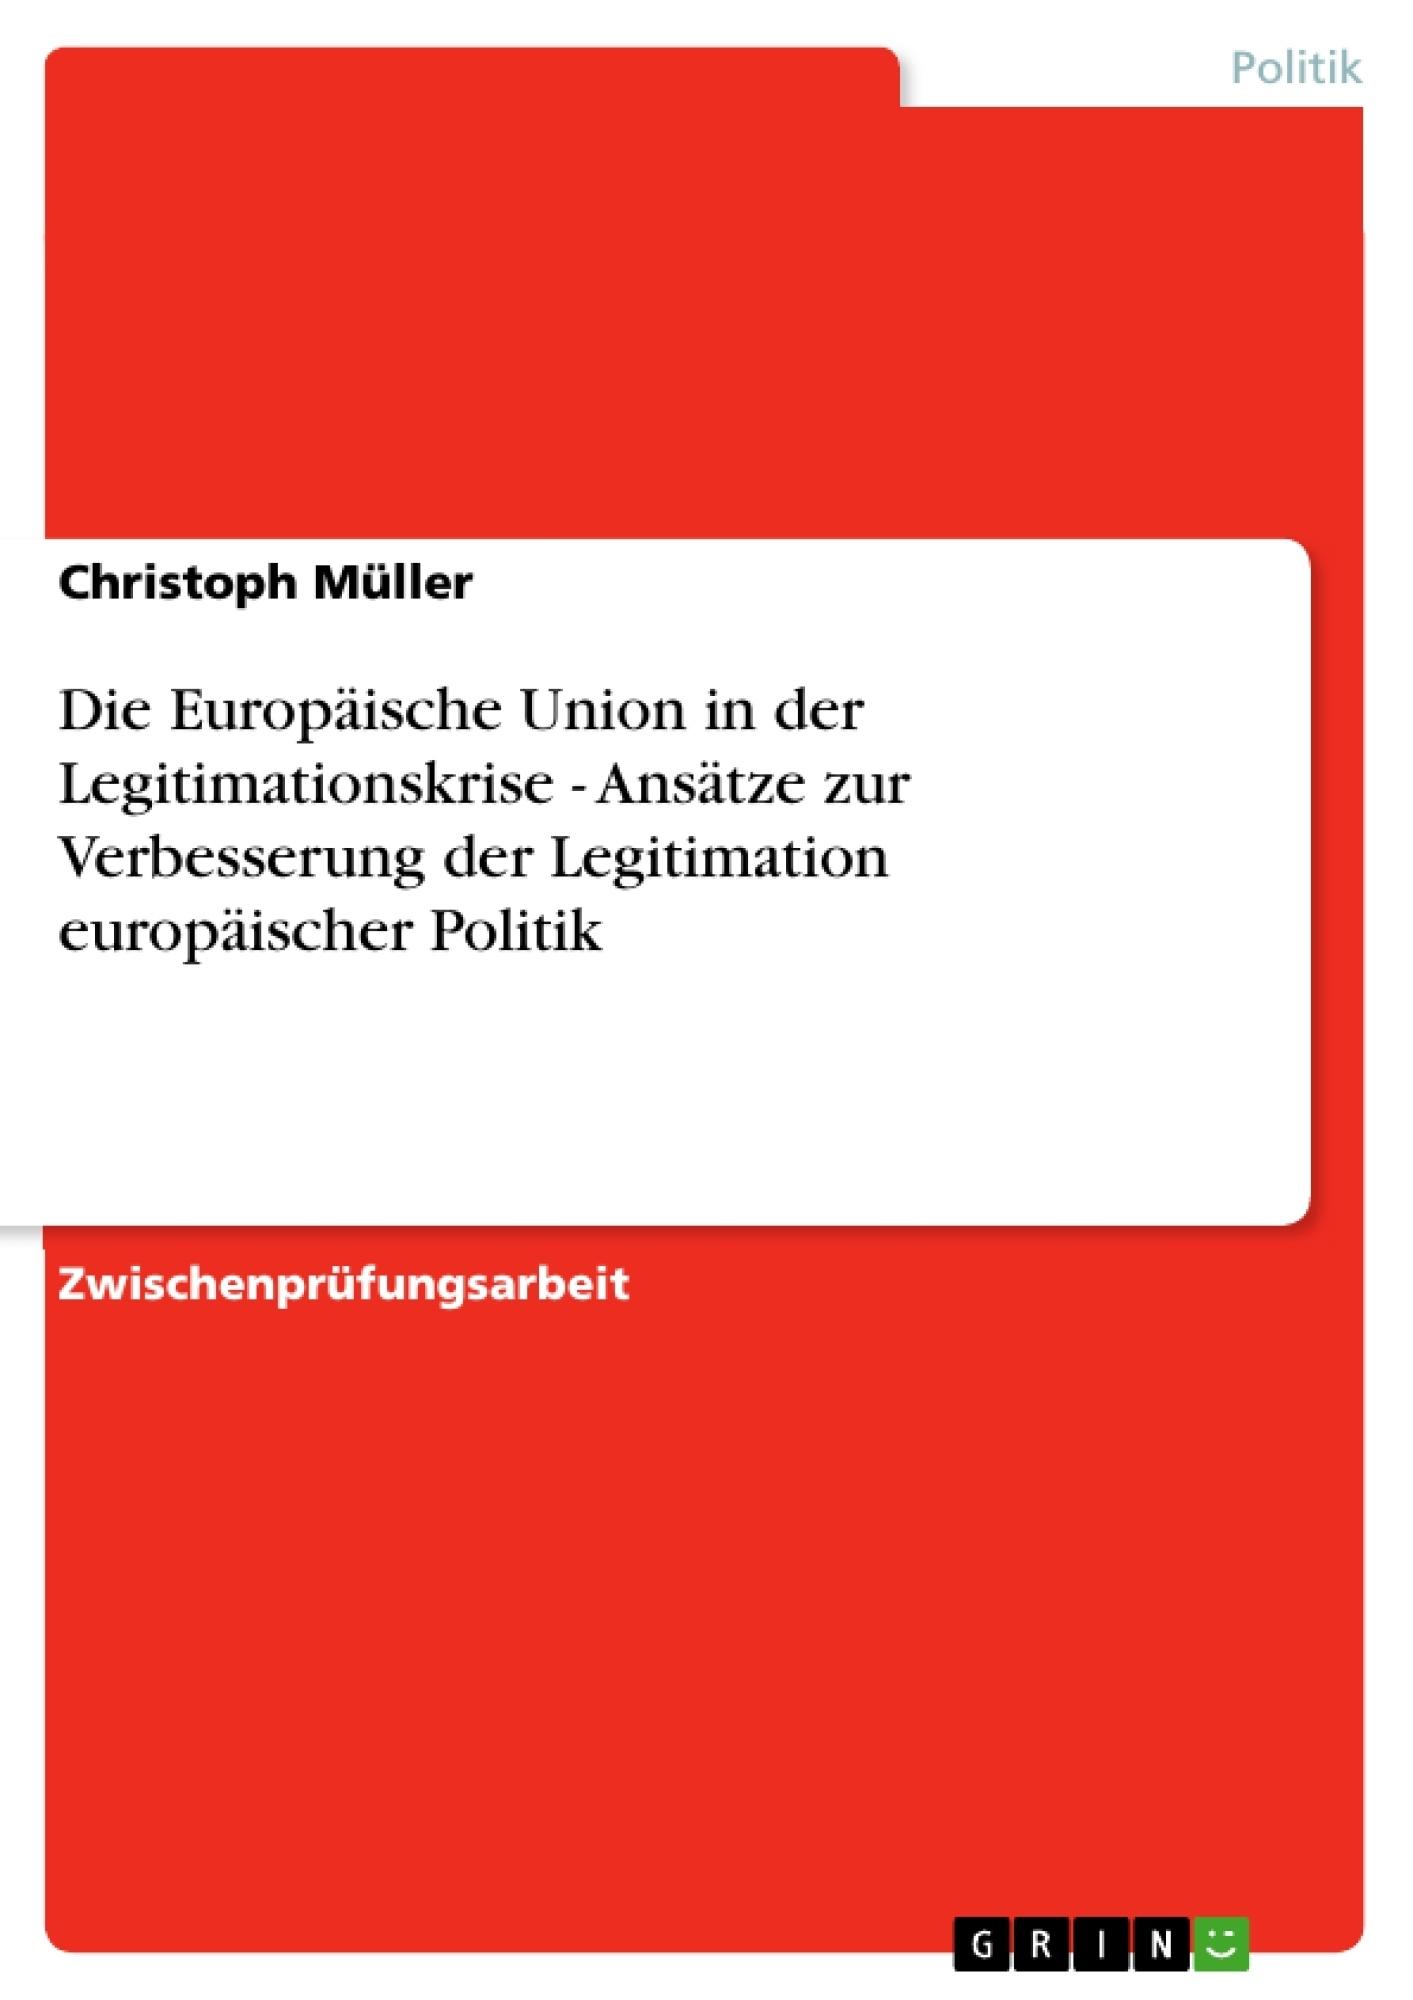 Titel: Die Europäische Union in der Legitimationskrise - Ansätze zur Verbesserung der Legitimation europäischer Politik